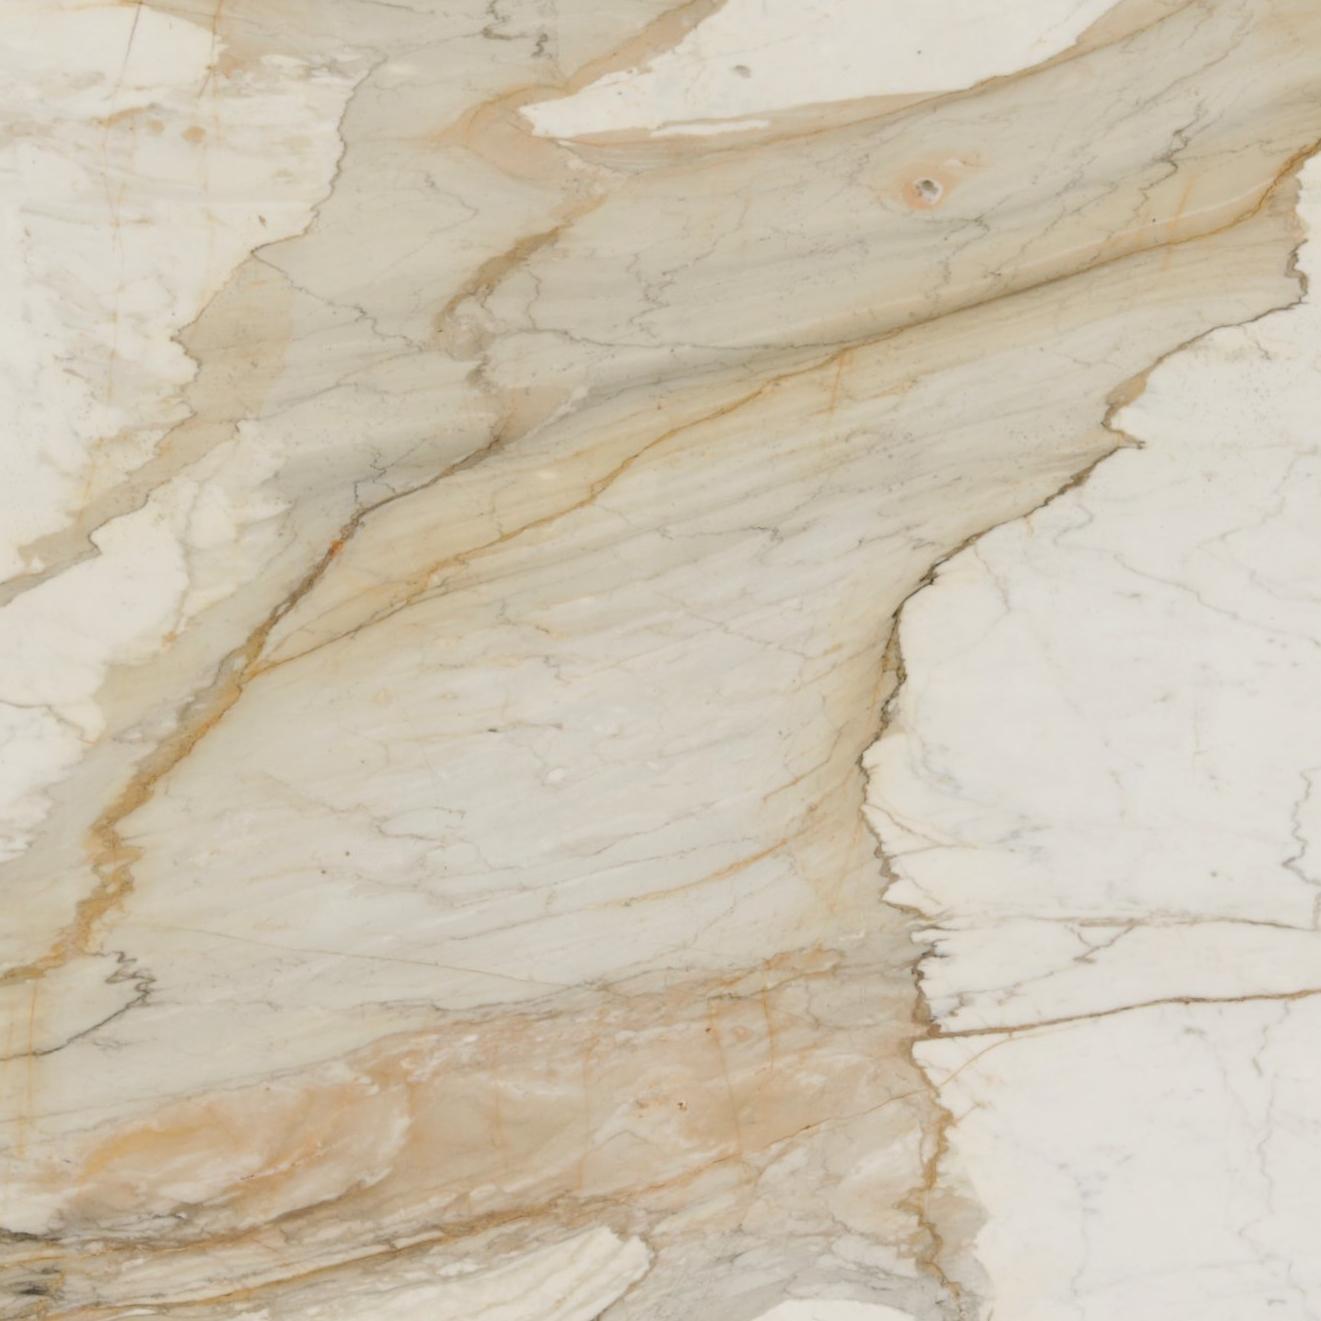 Calacatta Oro Macchia Vecchia Marble